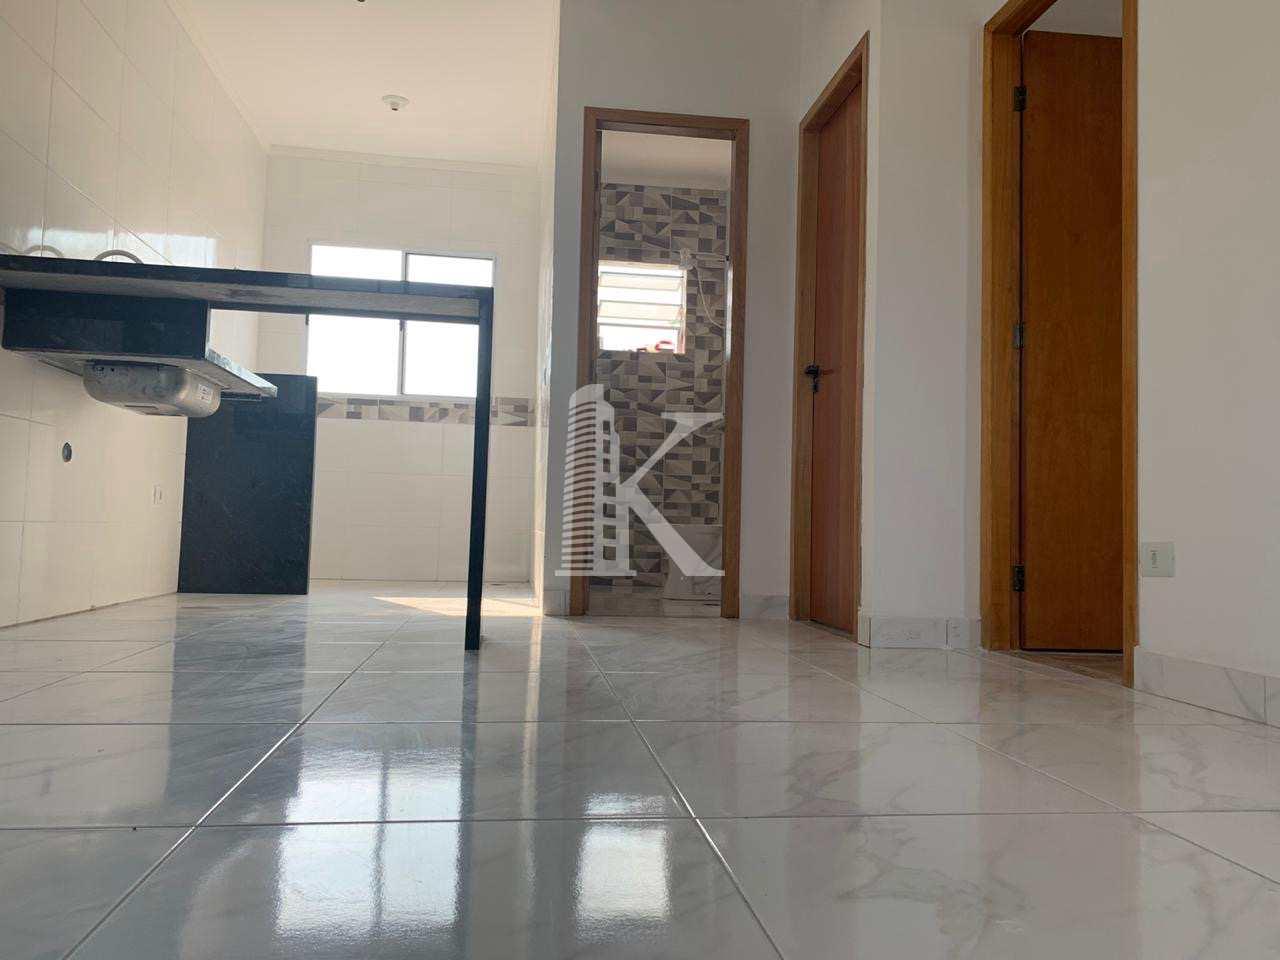 Casa de Condomínio com 3 dorms, Vila São Jorge, Praia Grande - R$ 210 mil, Cod: 4948